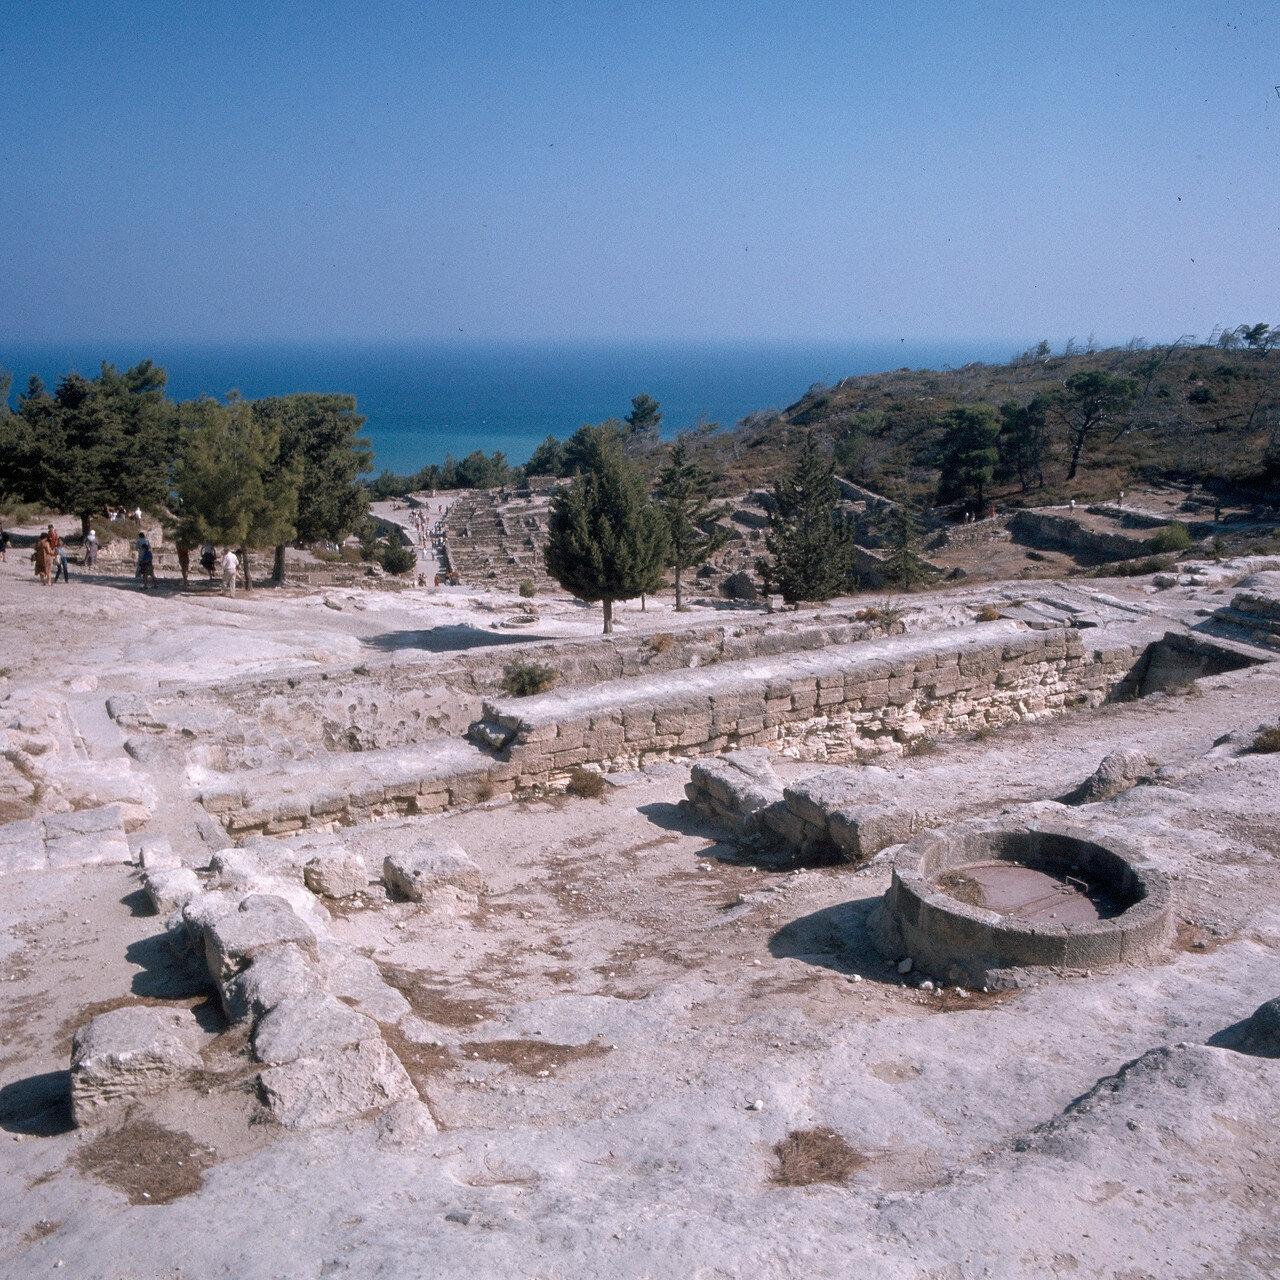 Камирос. Позднее водоснабжение было нарушено из-за землетрясения 226 г. до н. э. Была создана другая система водоснабжения, основанная на подземных колодцах. Над старым резервуаром построили длинную крытую колоннаду дорического ордера